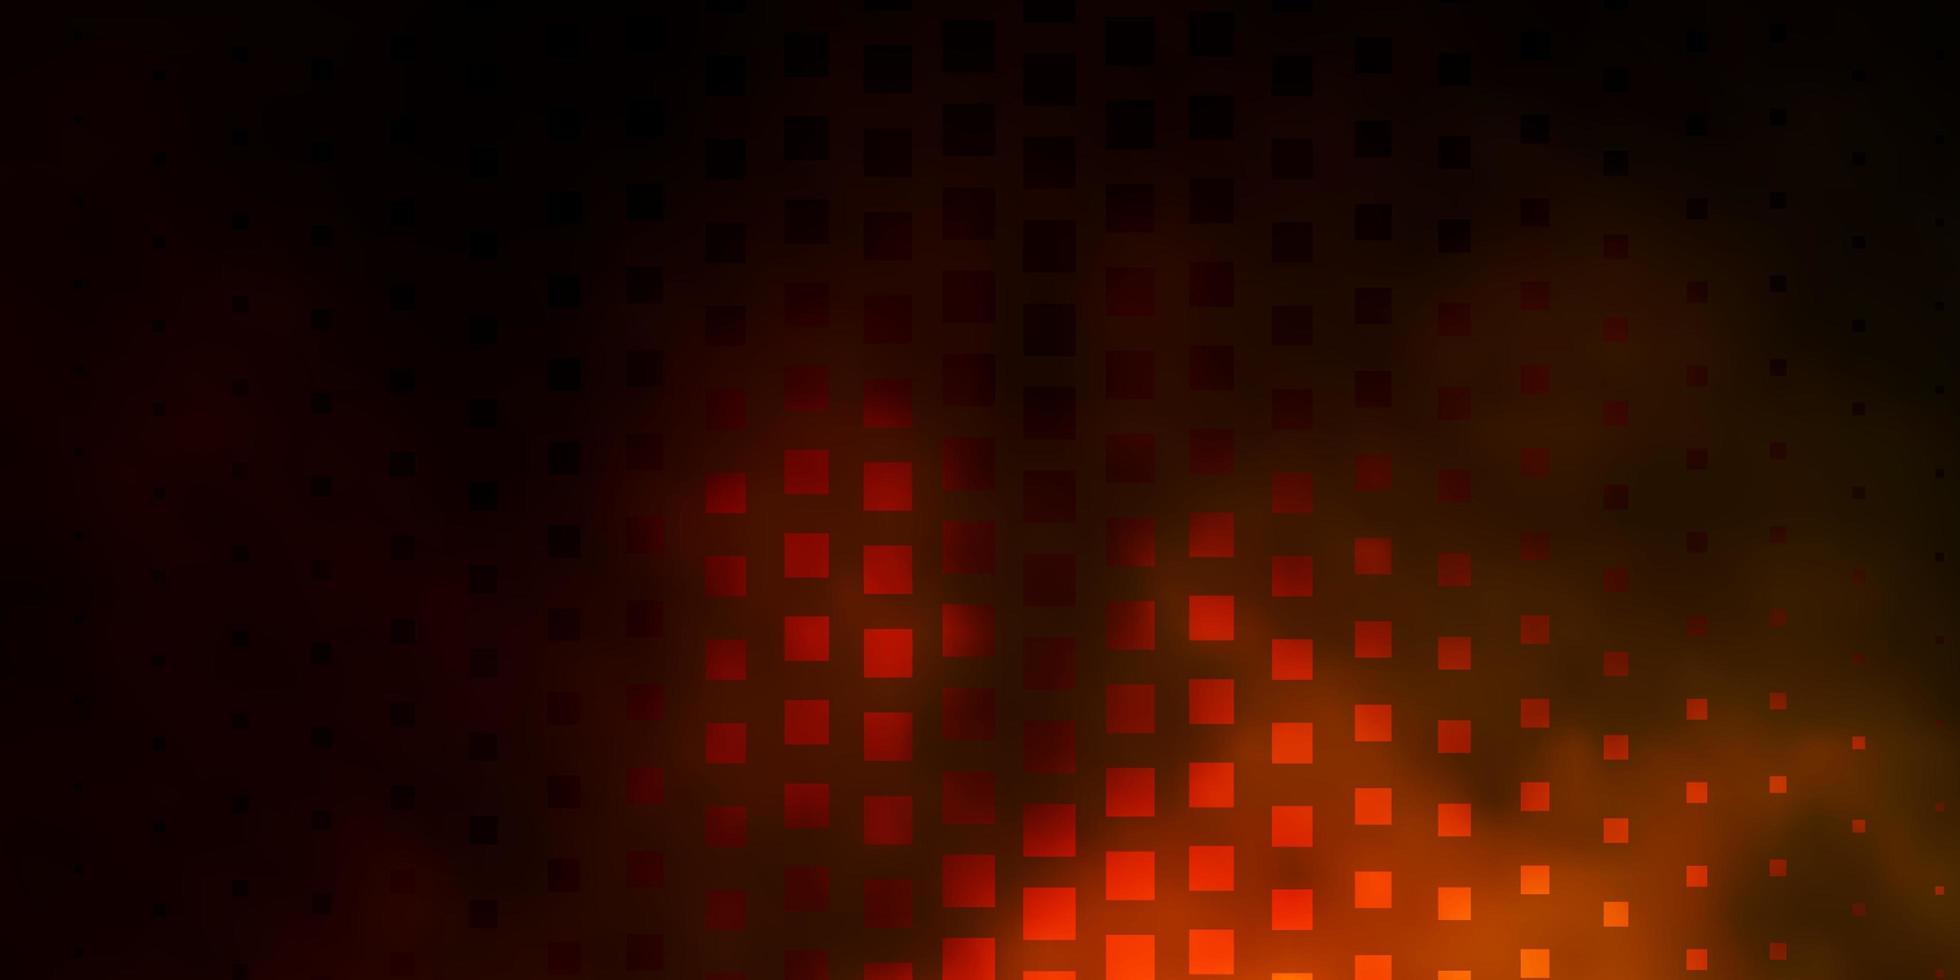 dunkelrotes und gelbes Muster im quadratischen Stil. vektor